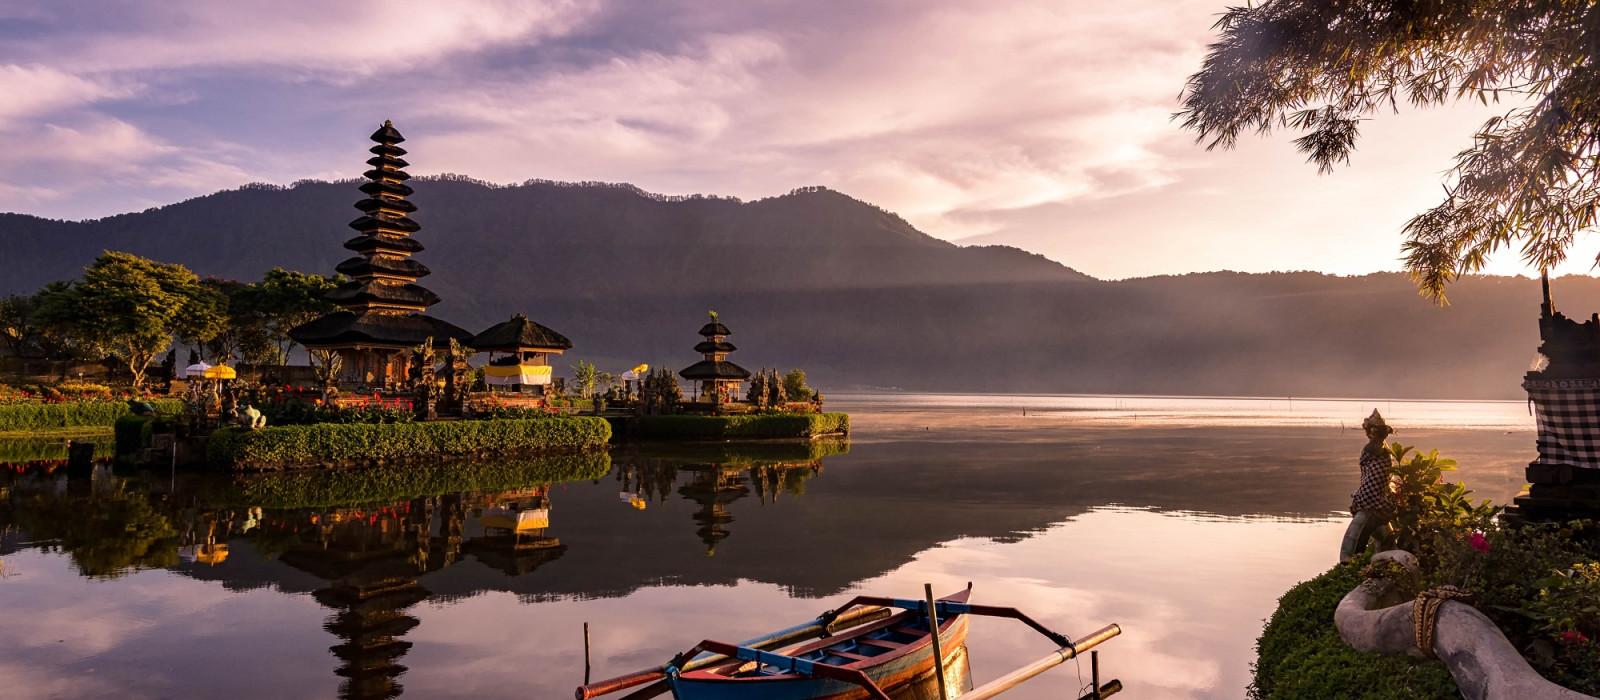 Indonesien – die Höhepunkte von Java und Bali Urlaub 1